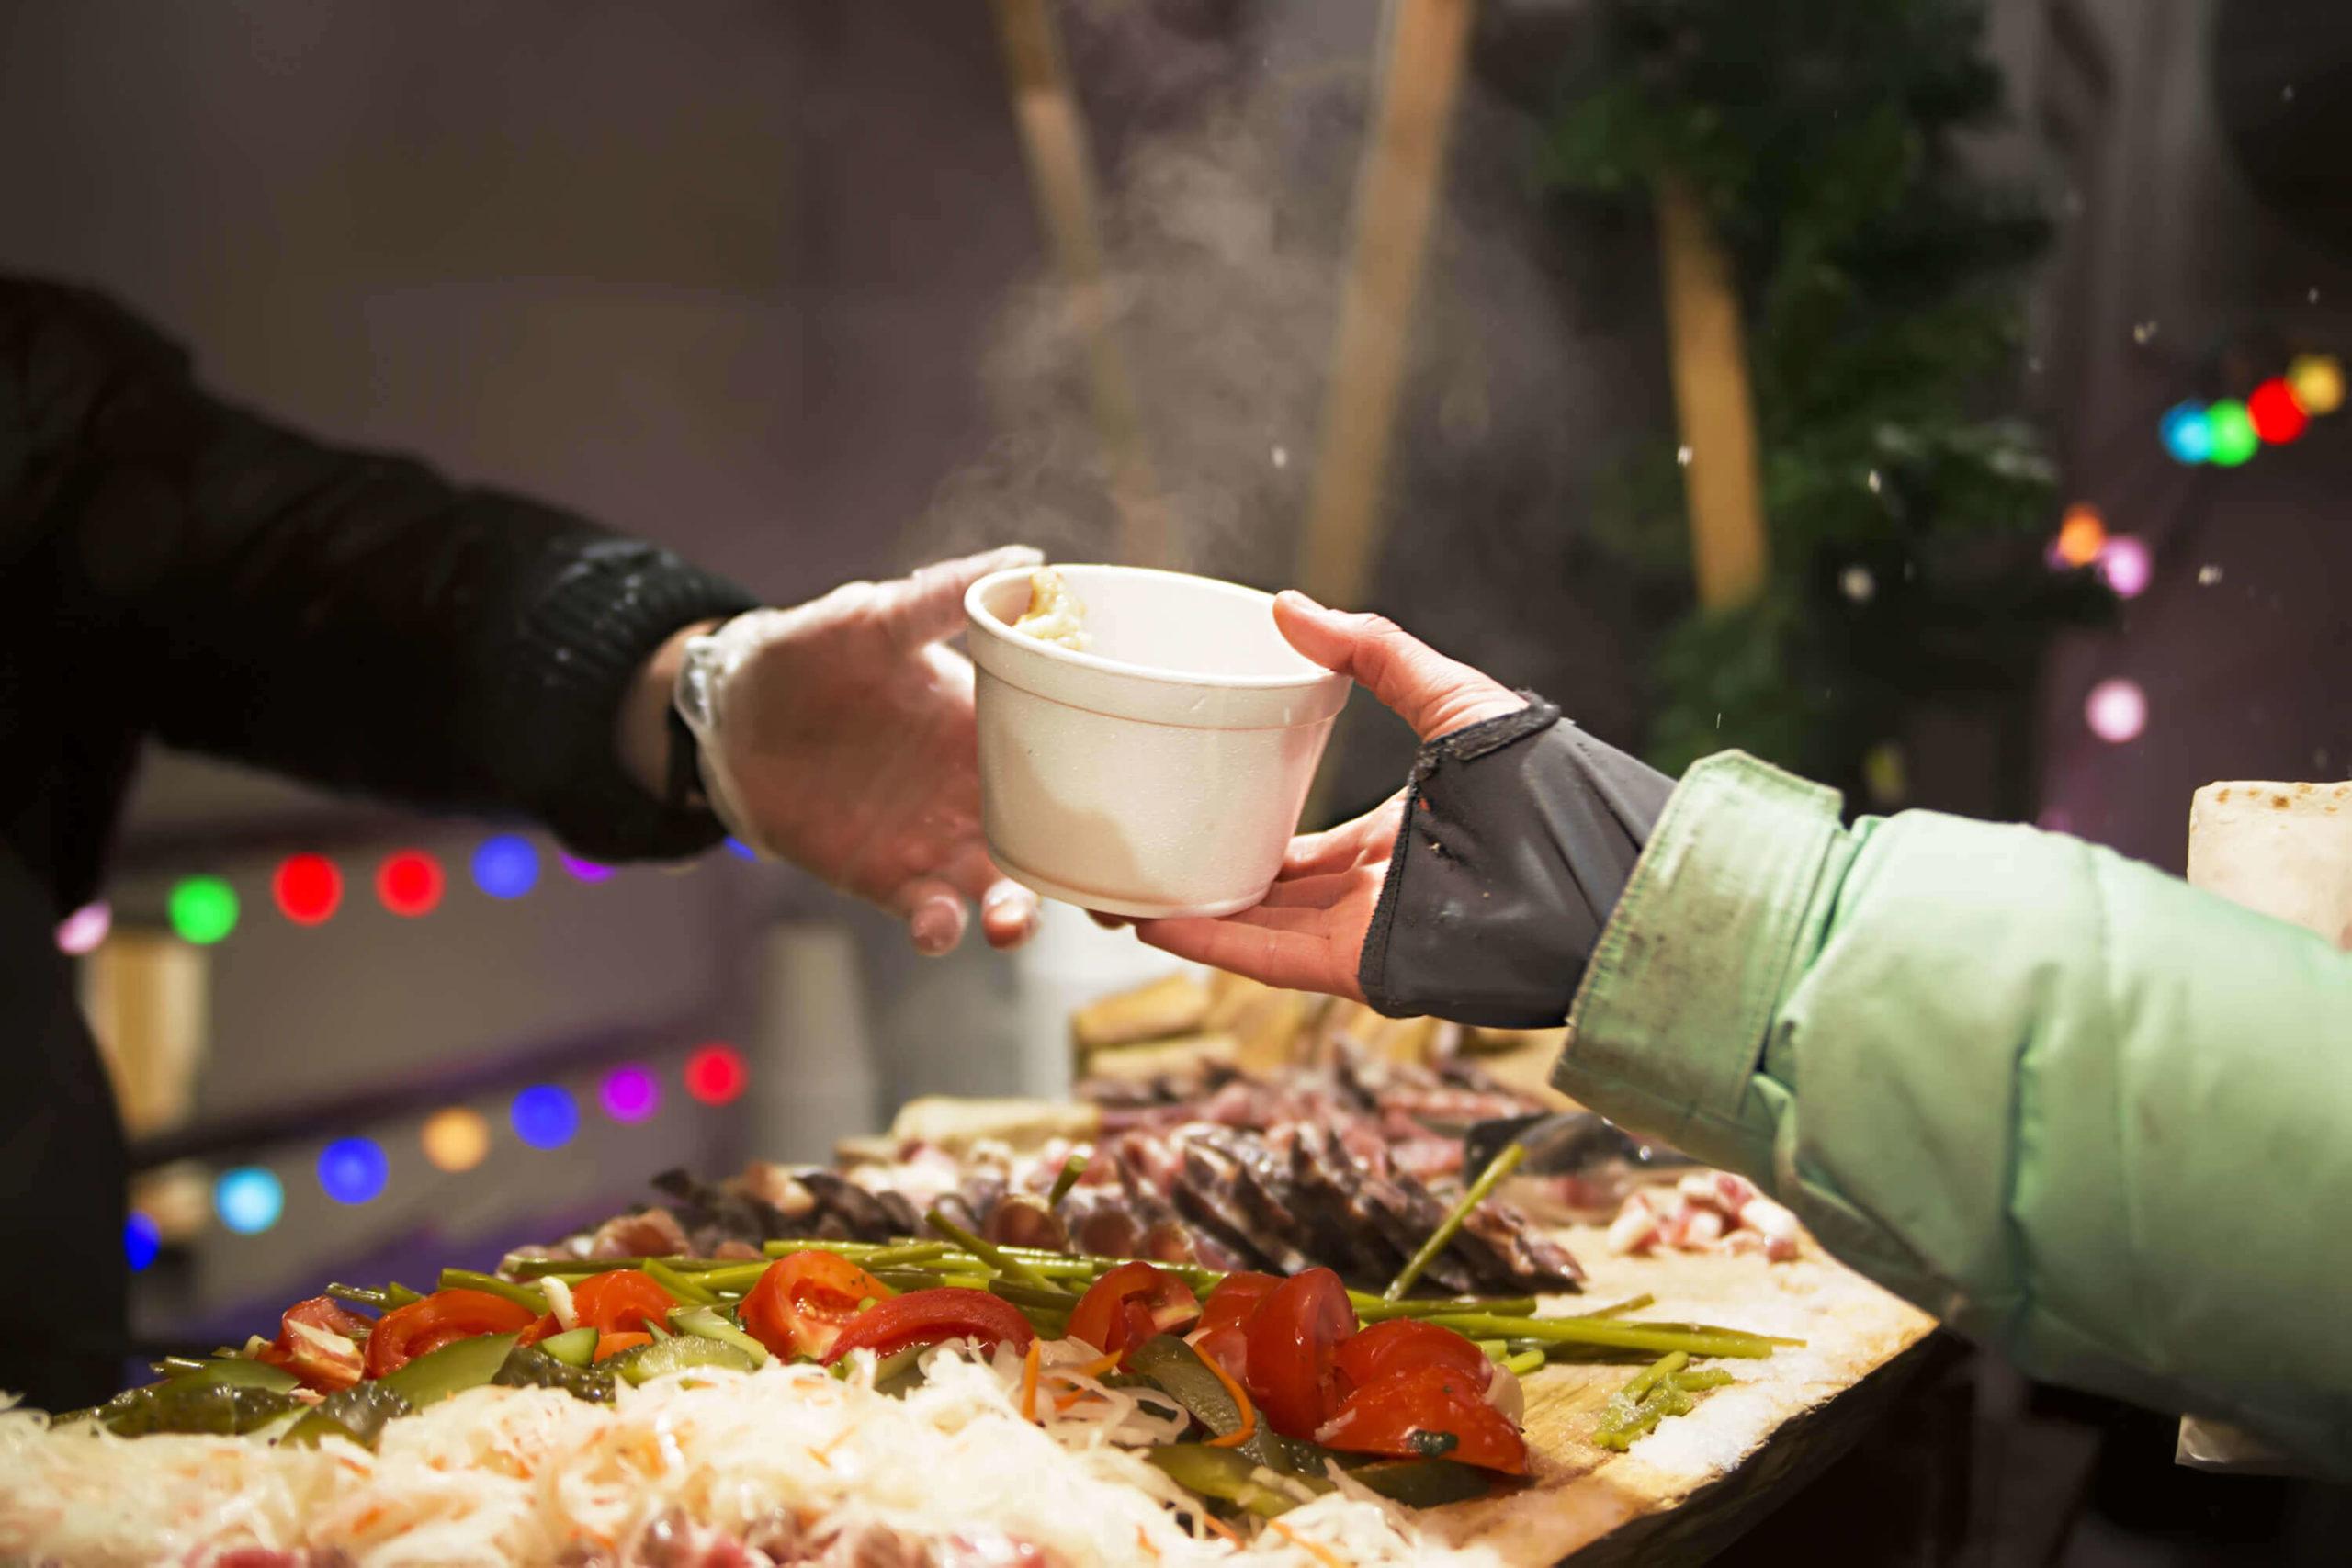 Hand überreicht Becher bei Weihnachtsfeier mit obdachlosen Menschen